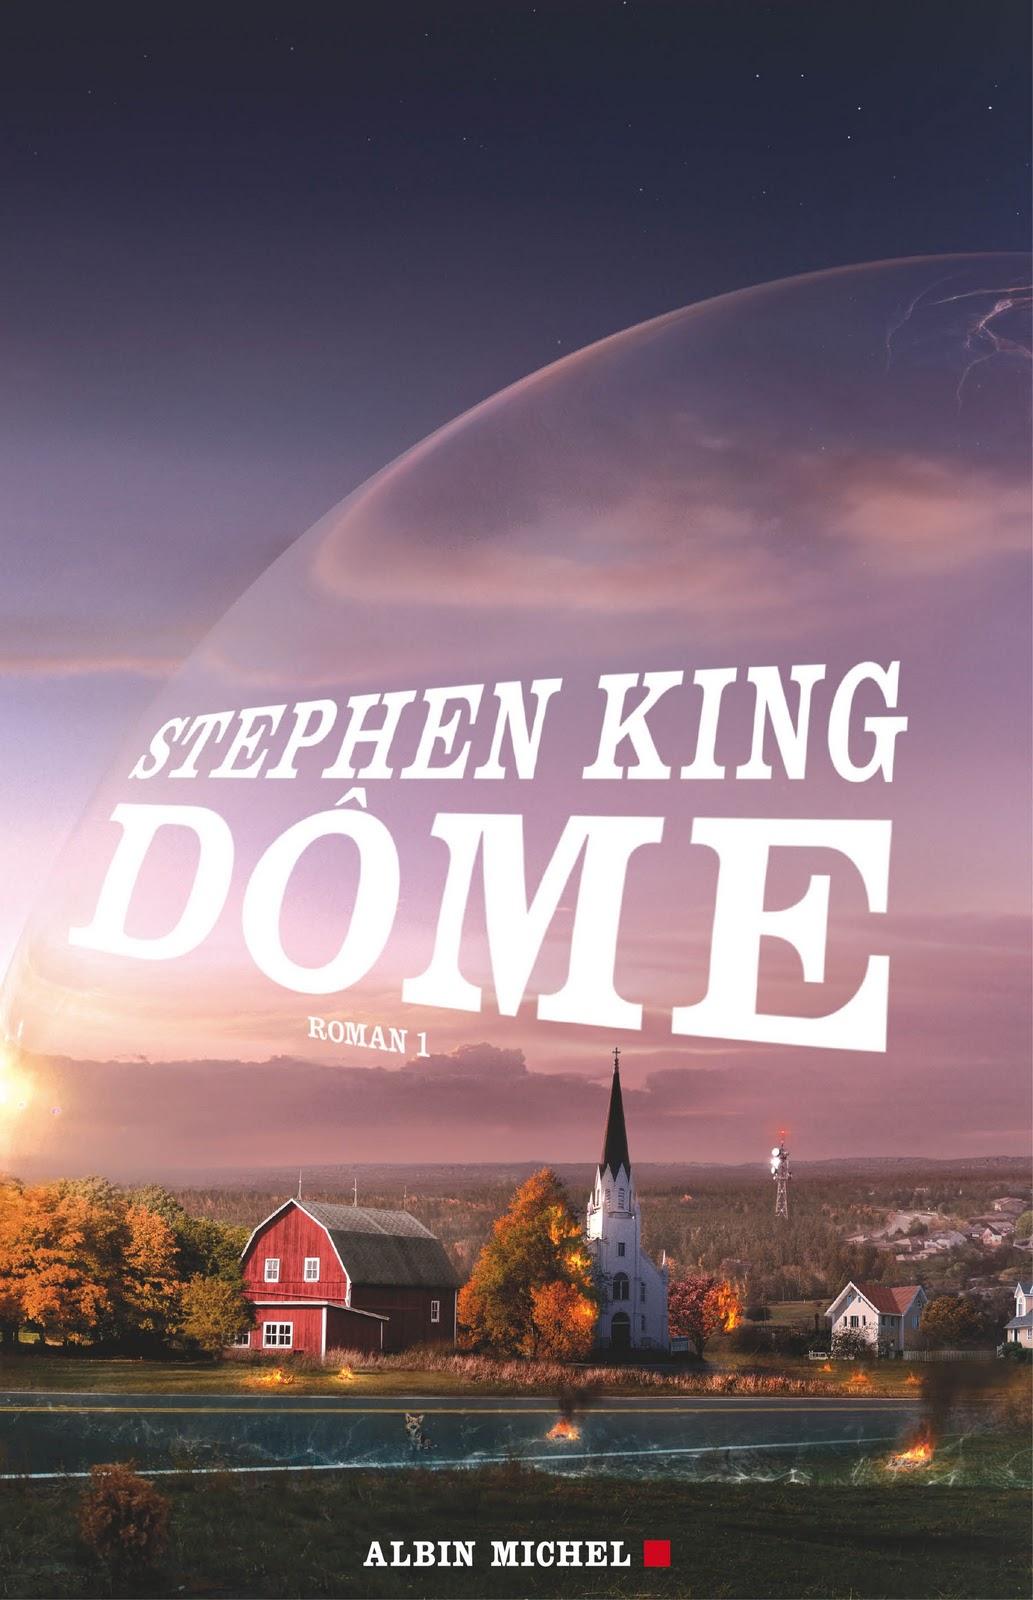 Le meilleur roman de Stephen King - Page 3 Dome-1